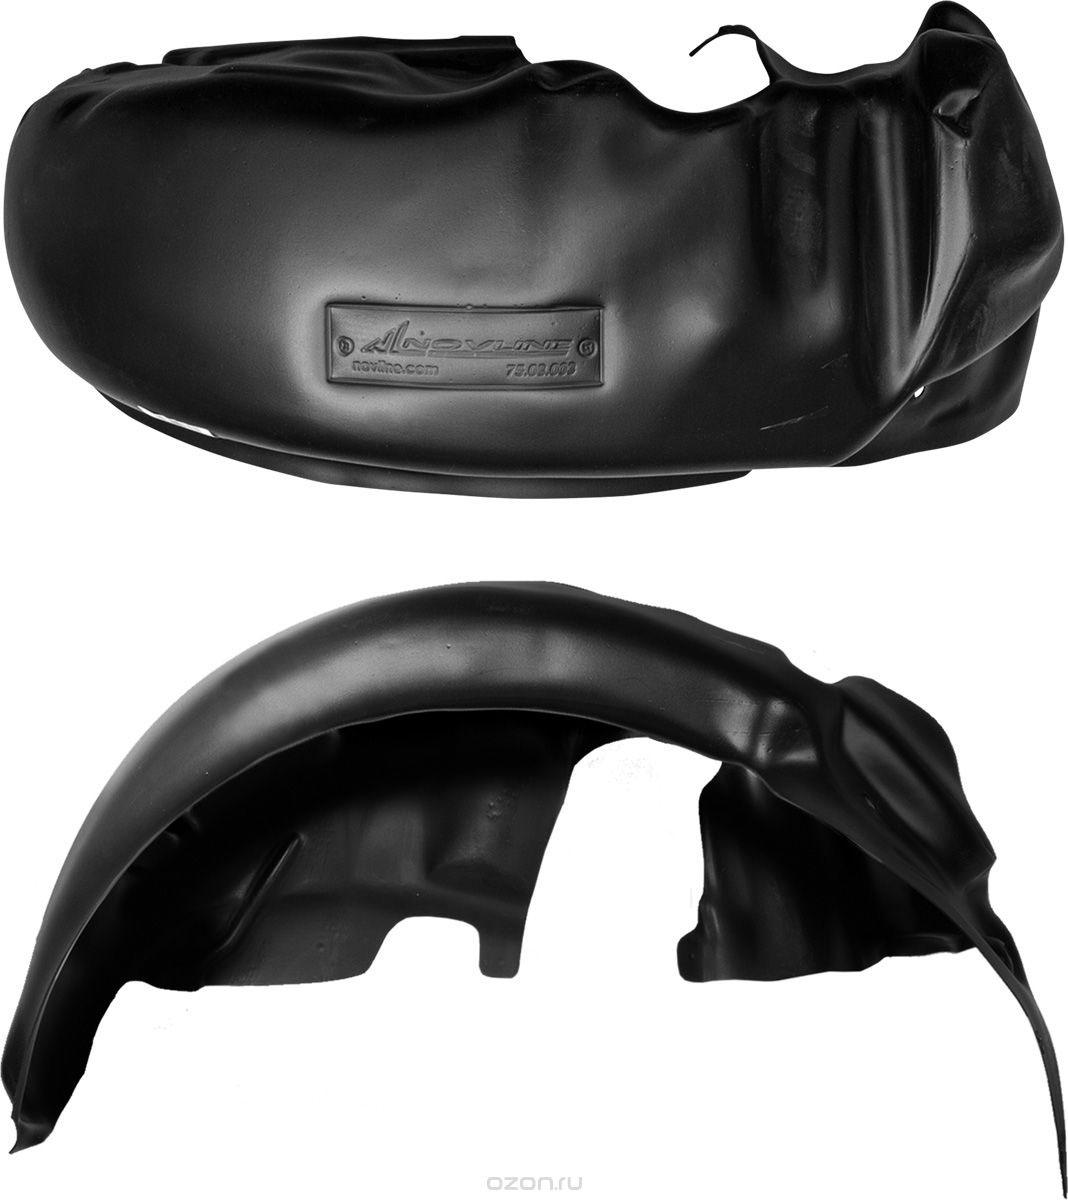 Подкрылок Novline-Autofamily, для ВАЗ 2106 1976-2001 , передний правый000312Идеальная защита колесной ниши. Локеры разработаны с применением цифровых технологий, гарантируют максимальную повторяемость поверхности арки. Изделия устанавливаются без нарушения лакокрасочного покрытия автомобиля, каждый подкрылок комплектуется крепежом. Уважаемые клиенты, обращаем ваше внимание, что фотографии на подкрылки универсальные и не отражают реальную форму изделия. При этом само изделие идет точно под размер указанного автомобиля.